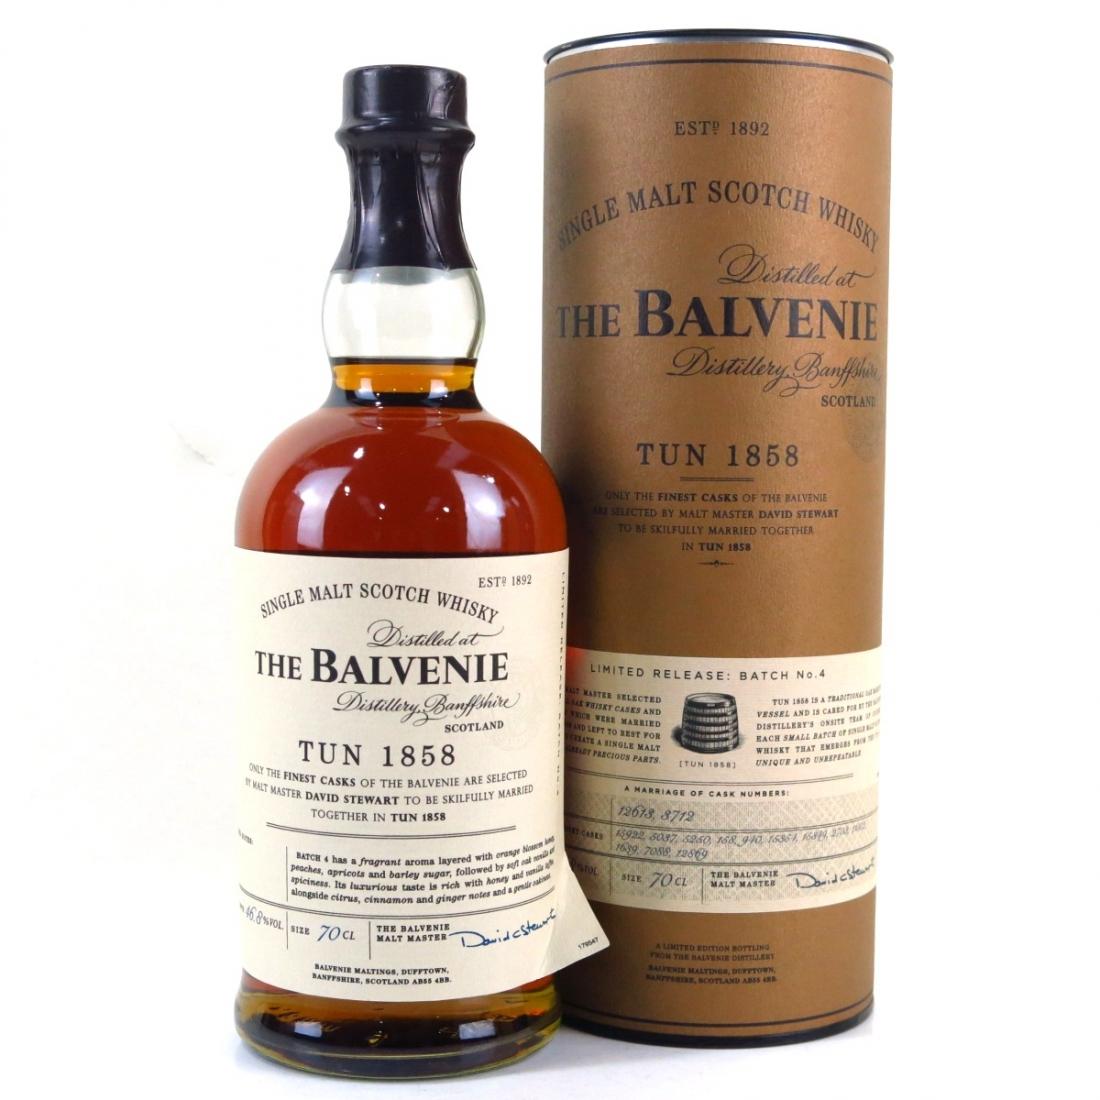 Balvenie Tun 1858 Batch #4